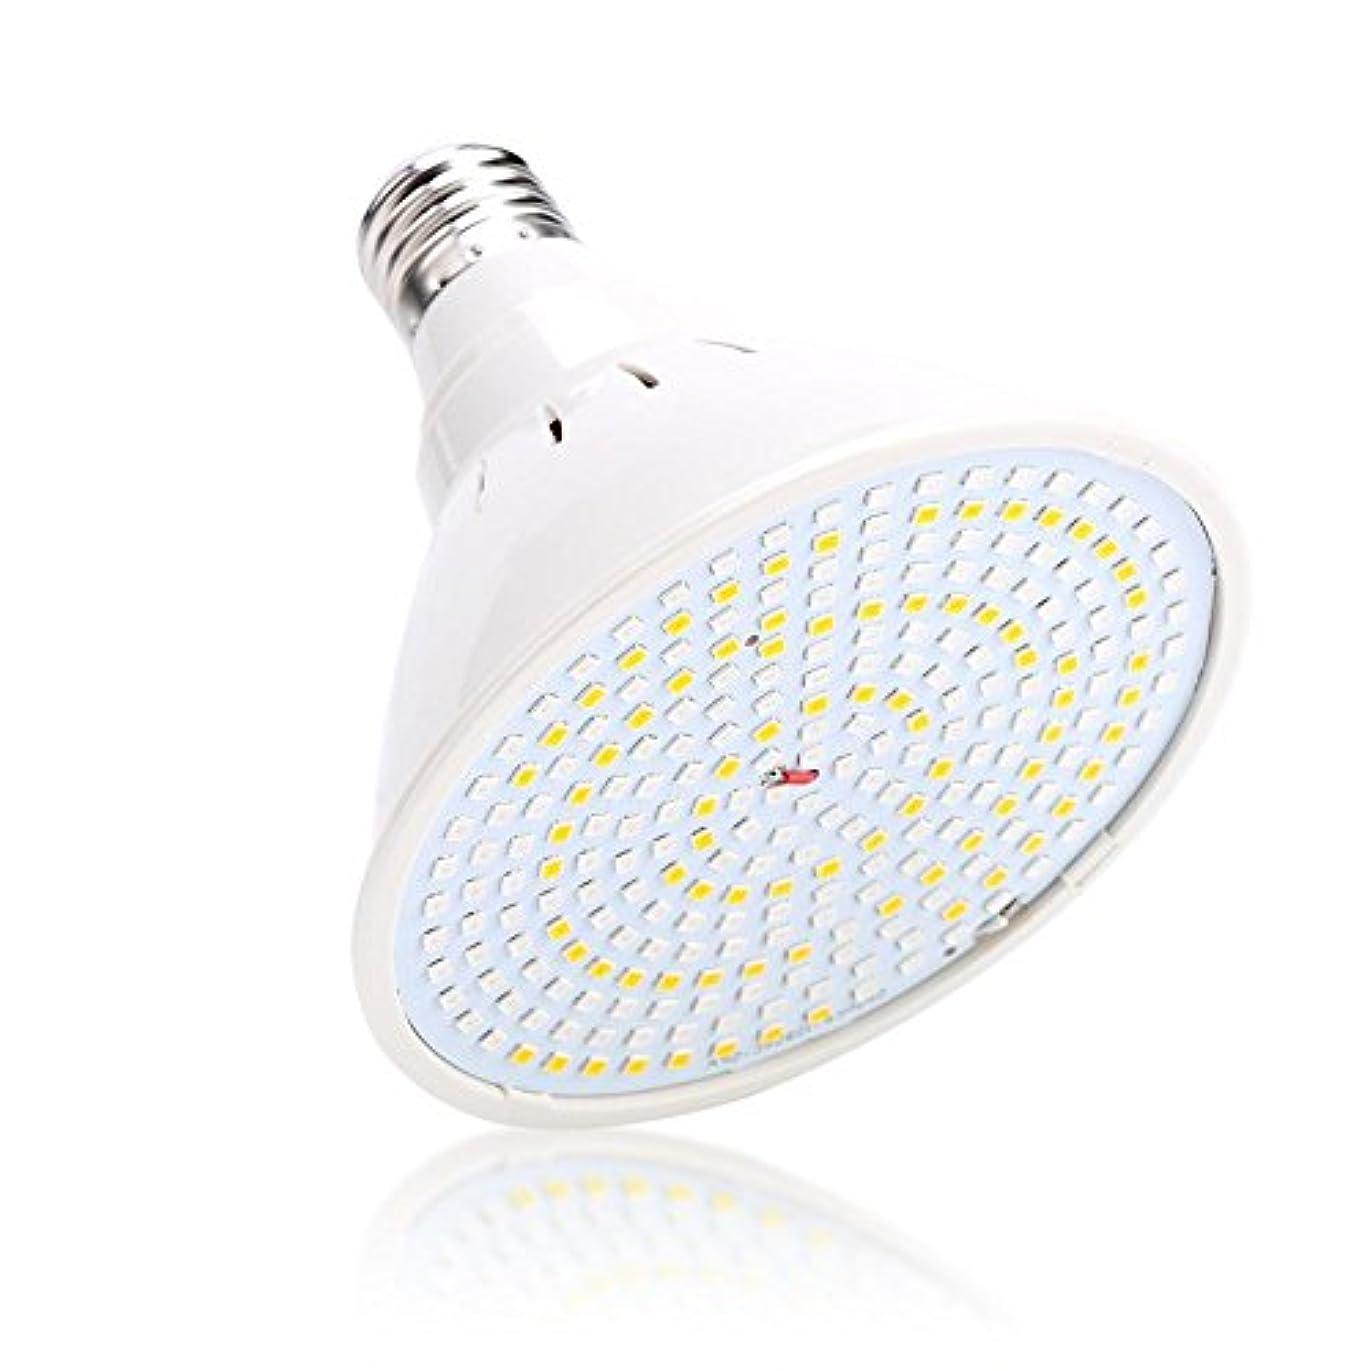 借りる接続されたグラディス3色LEDホワイトニング 美容器具肌 ライト専門療法にきびしわ除去フェイスボディケア(01)